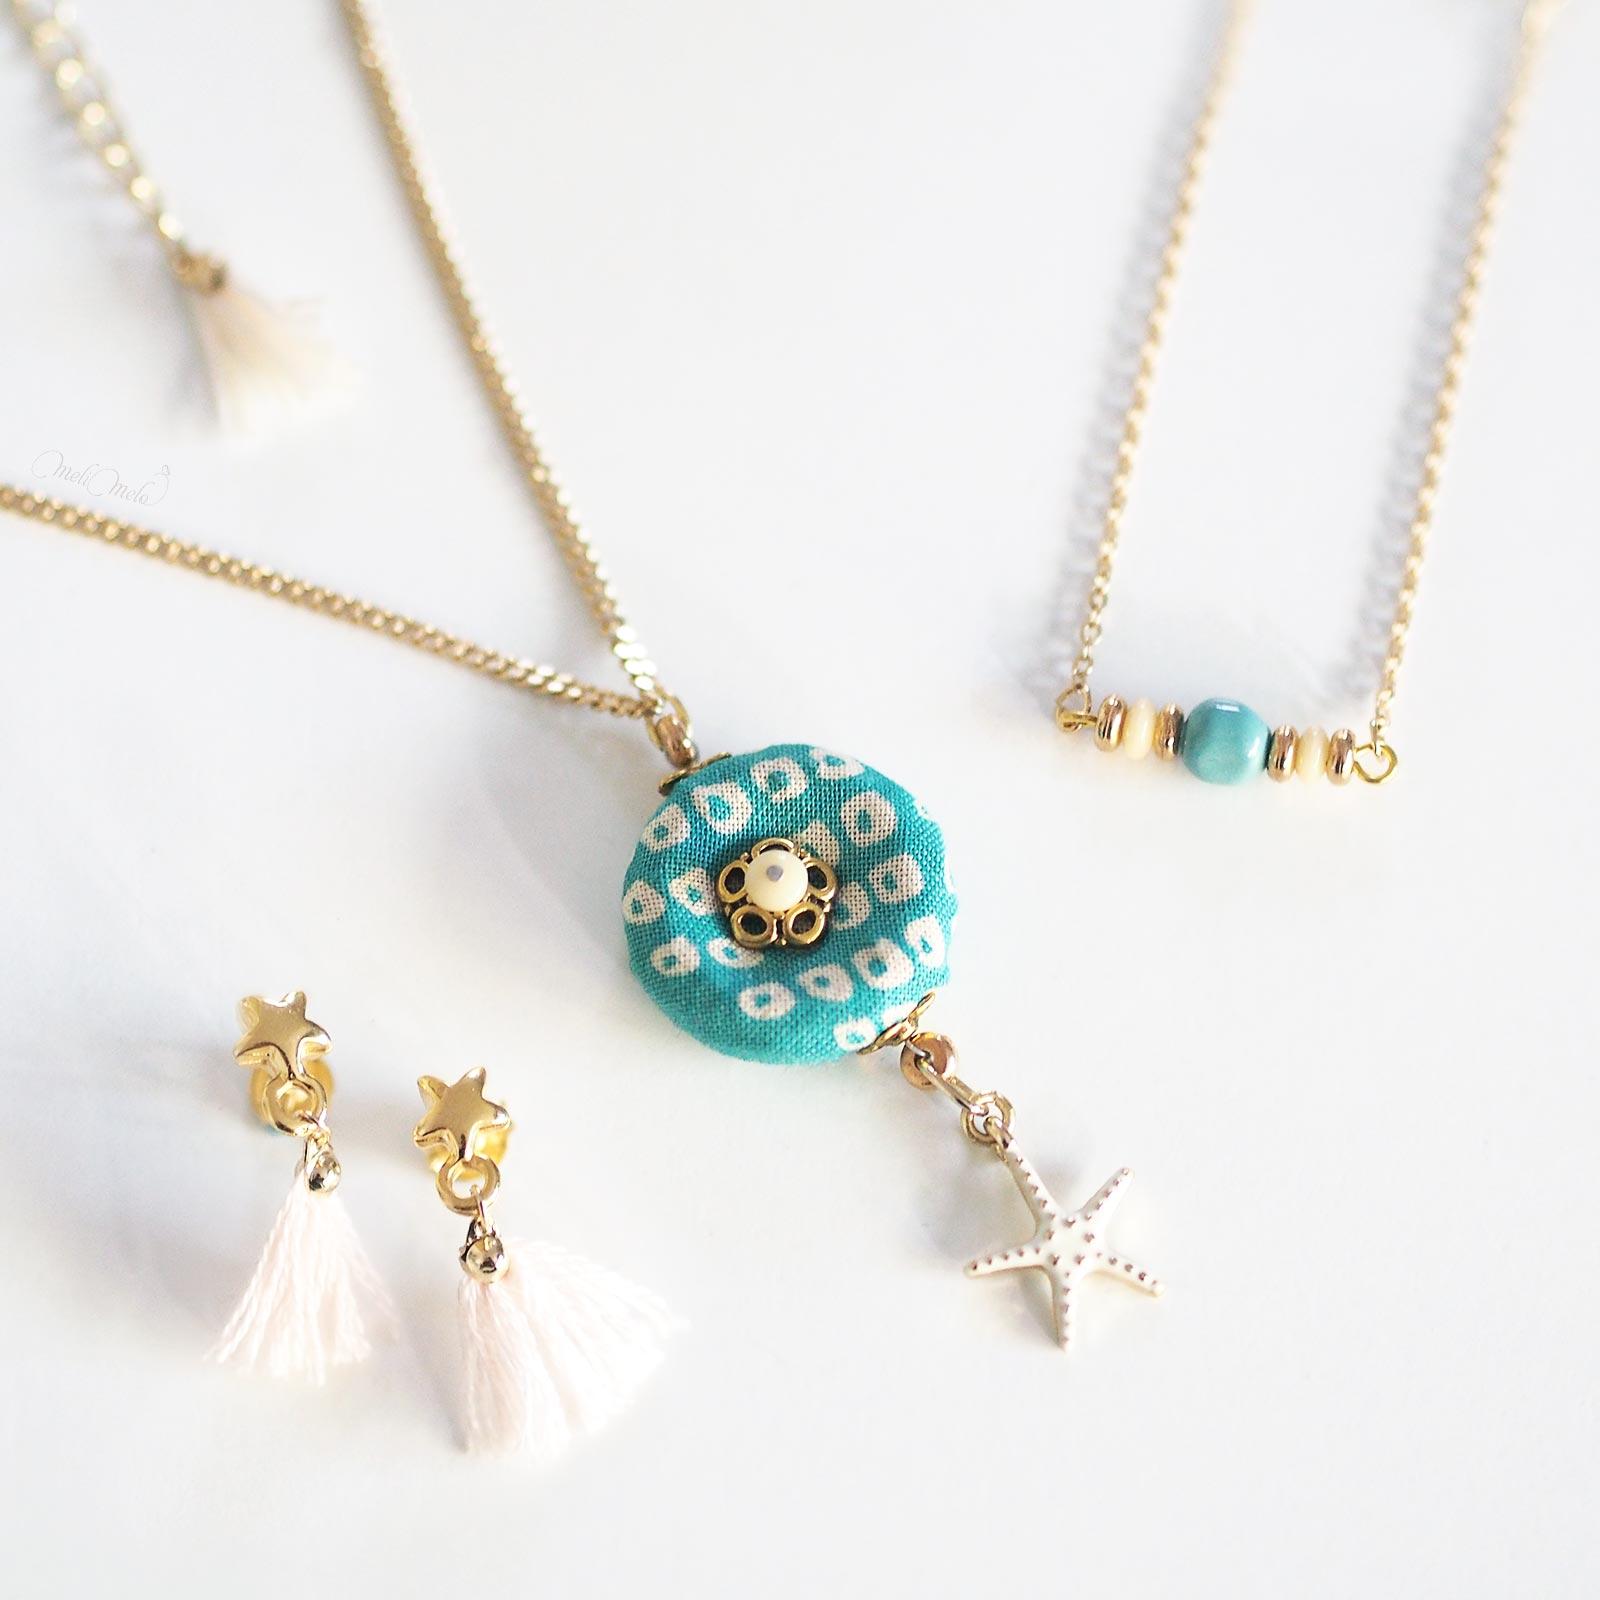 bijoux étoile de mer pompons or nacrée Swarovski Shakuyaku argent laboutiquedemelimelo